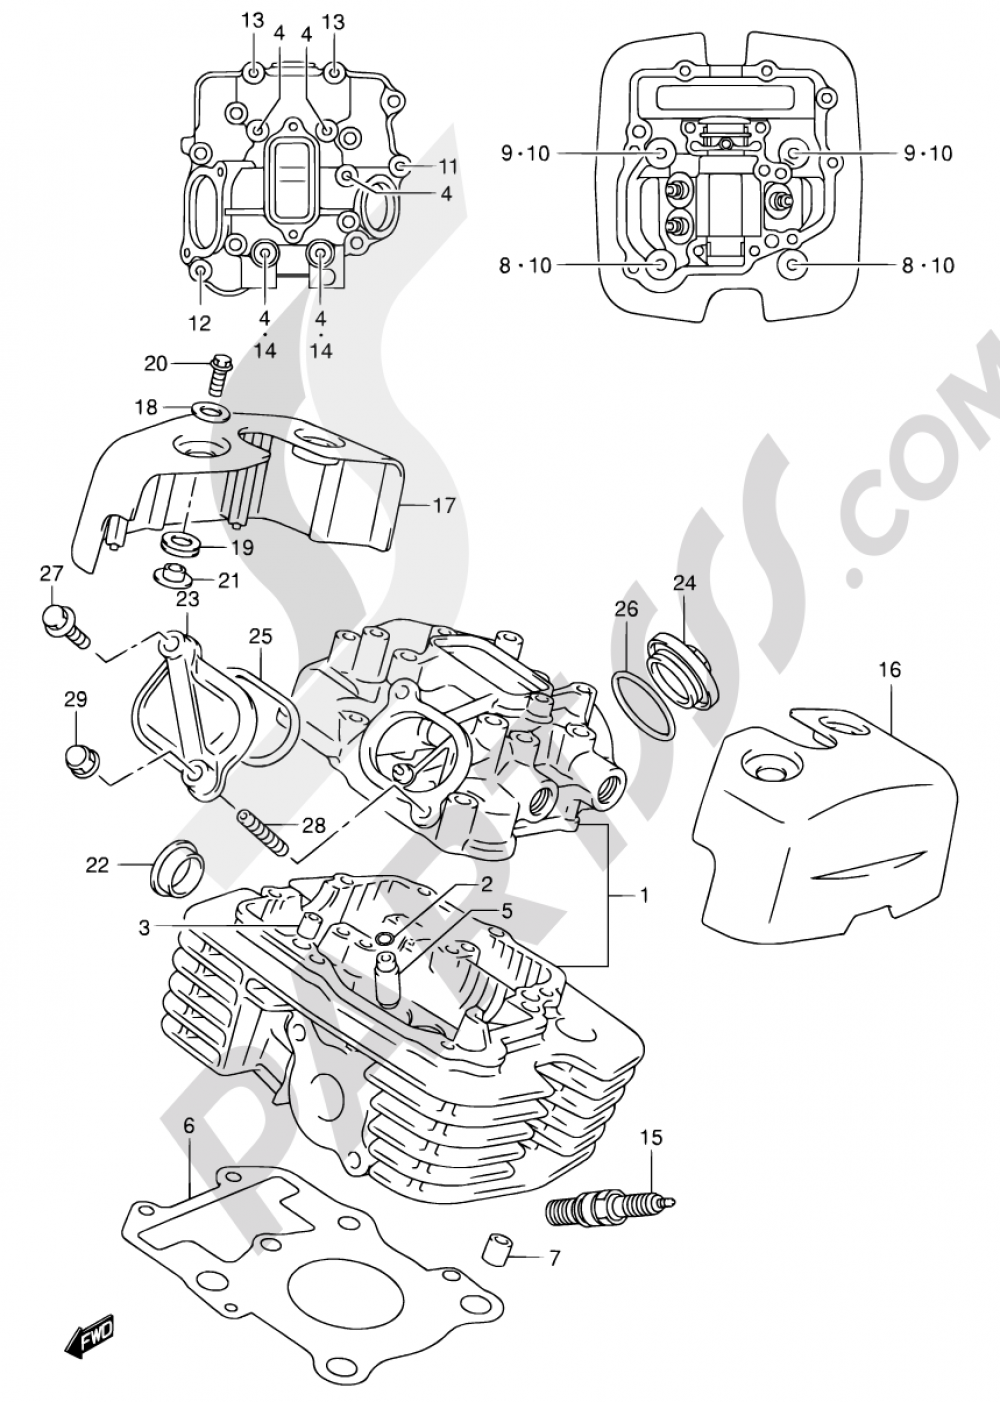 2 - CYLINDER HEAD (REAR) Suzuki INTRUDER VL125 2001